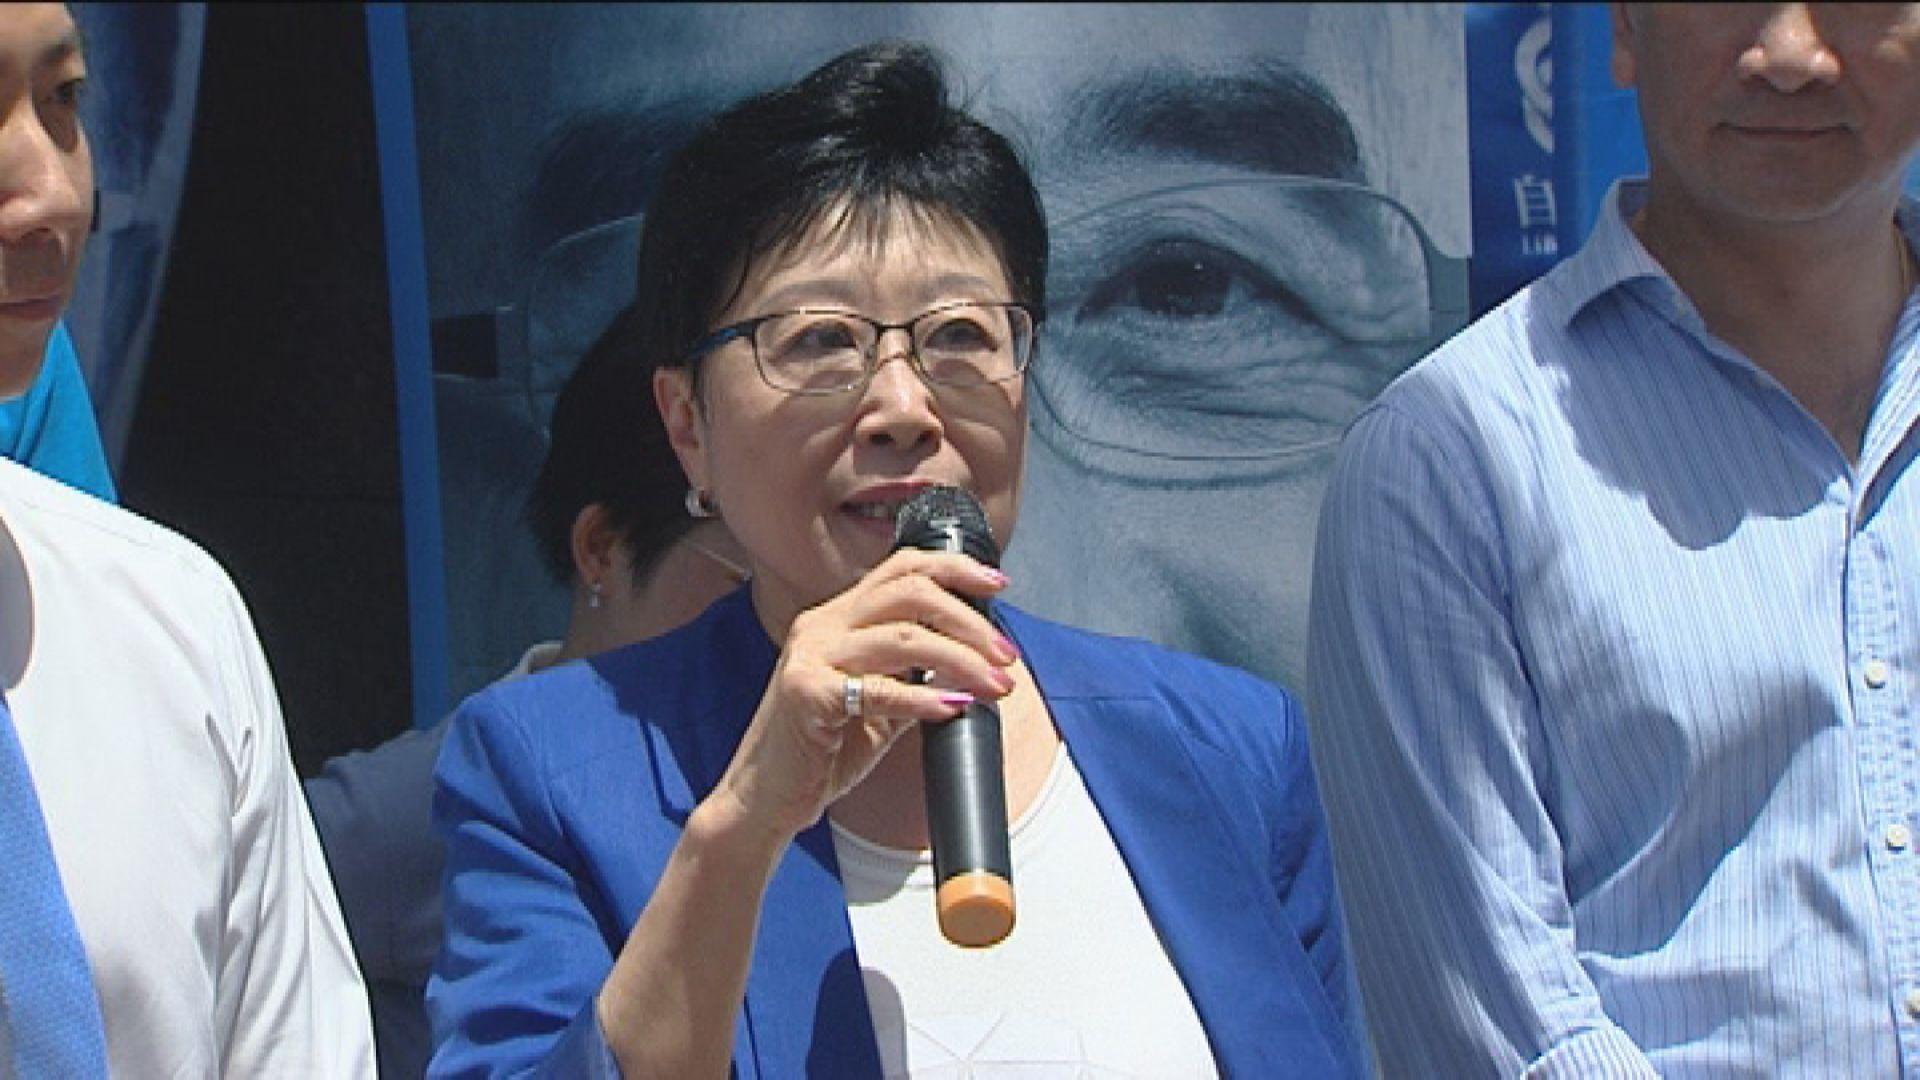 劉健儀讚揚李鵬飛身體力行鼓勵自由黨直選